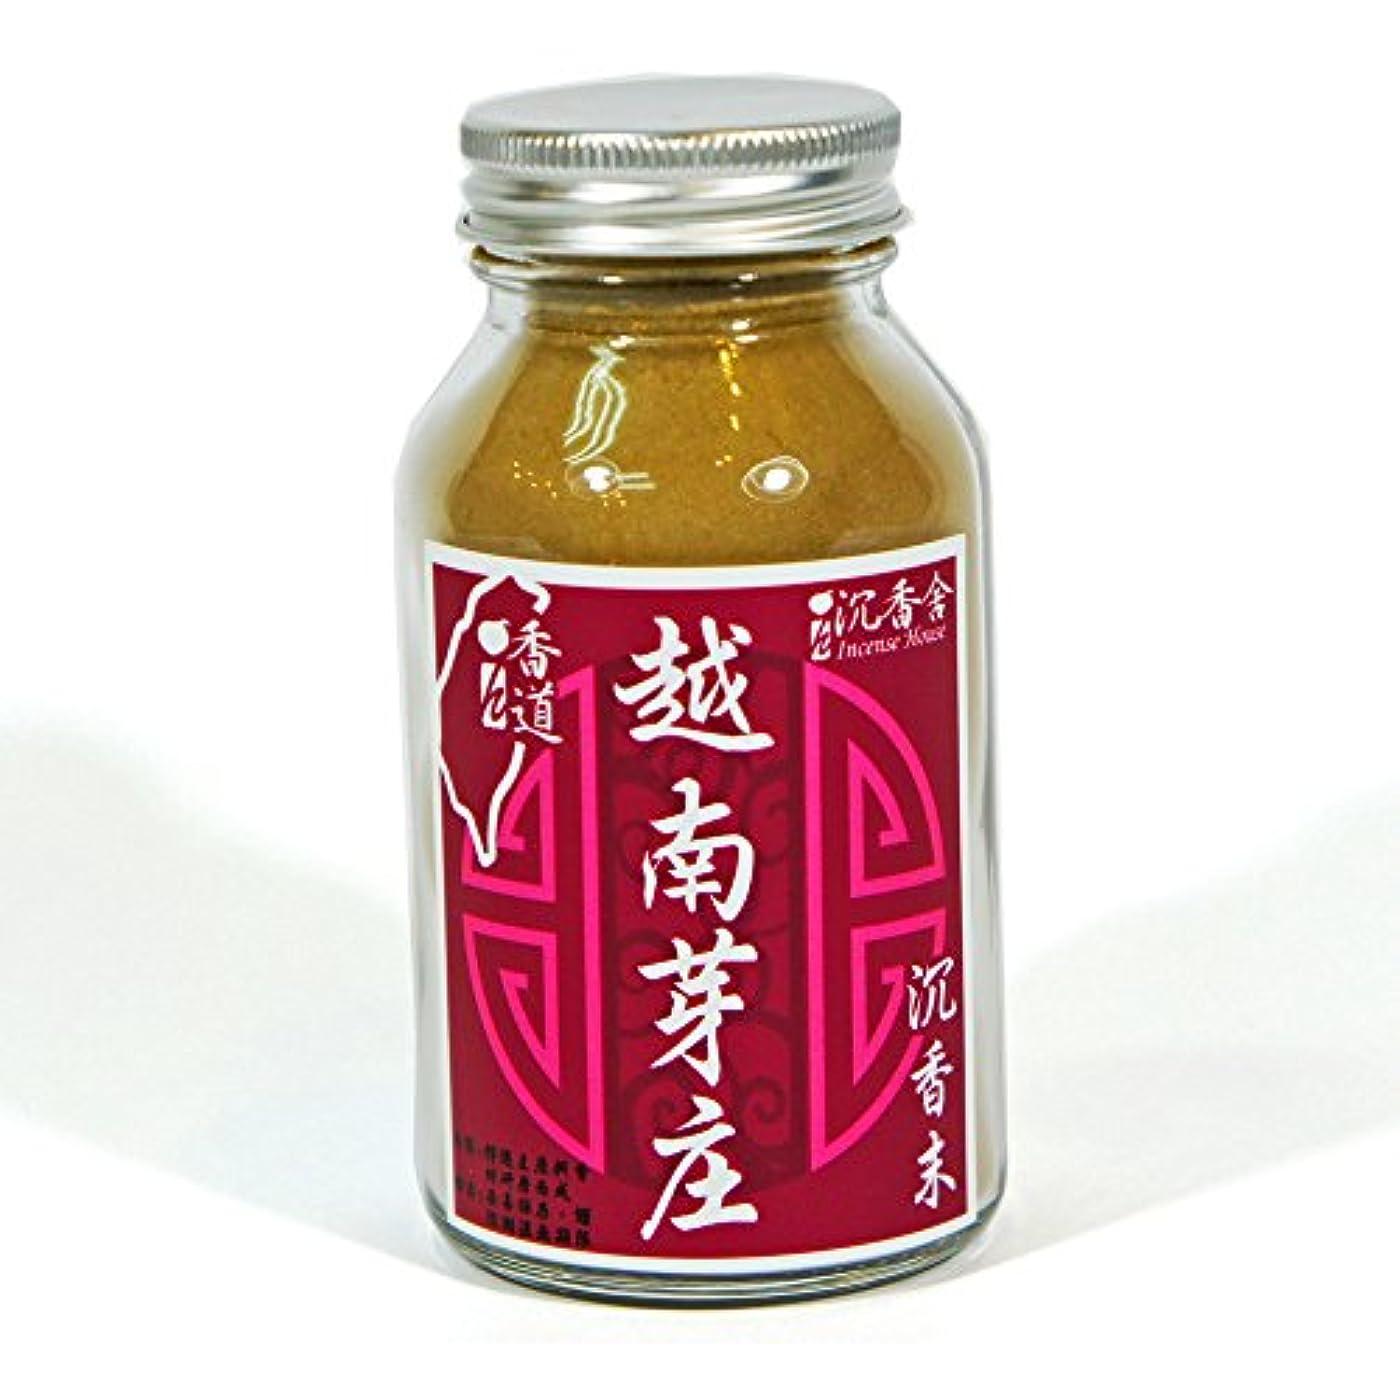 在庫繊維詩台湾沉香舍 お香原料 高級品 ベトナム ニャチャン 越南芽庄沈香 粉末 50g